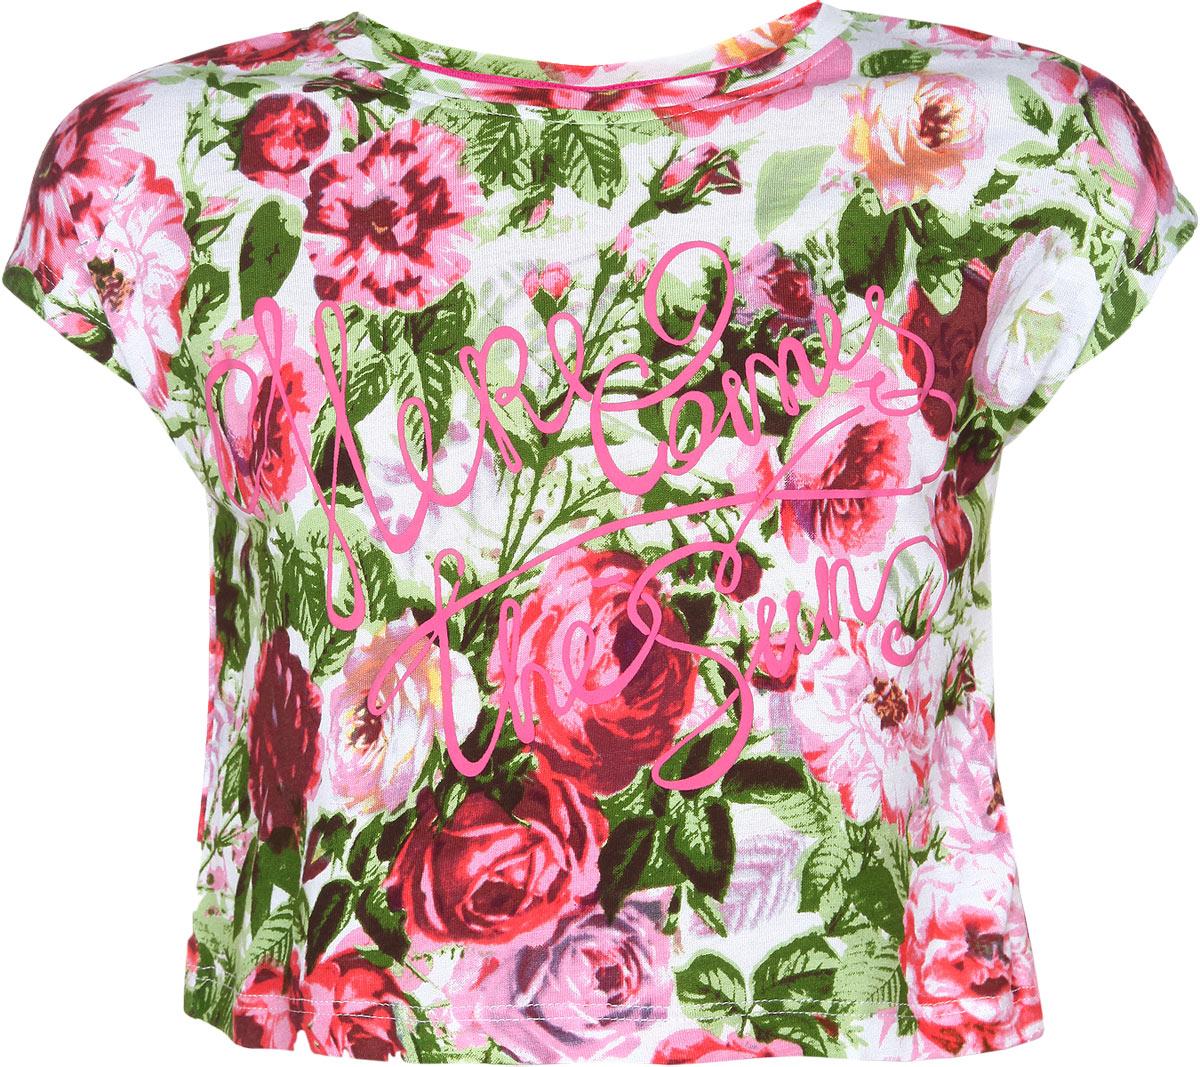 ФутболкаTs-611/210-6122Стильная футболка для девочки Sela идеально подойдет вашей моднице и станет прекрасным дополнением детского гардероба. Изготовленная из 100% вискозы, она мягкая и приятная на ощупь, не сковывает движения, не раздражает даже самую нежную и чувствительную кожу ребенка, обеспечивая наибольший комфорт. Укороченная футболка с круглым вырезом горловины и короткими рукавами-кимоно оформлена цветочным принтом, а также термоаппликацией в виде надписей на английском языке. В такой футболке ваша принцесса будет чувствовать себя уютно и комфортно, и всегда будет в центре внимания!